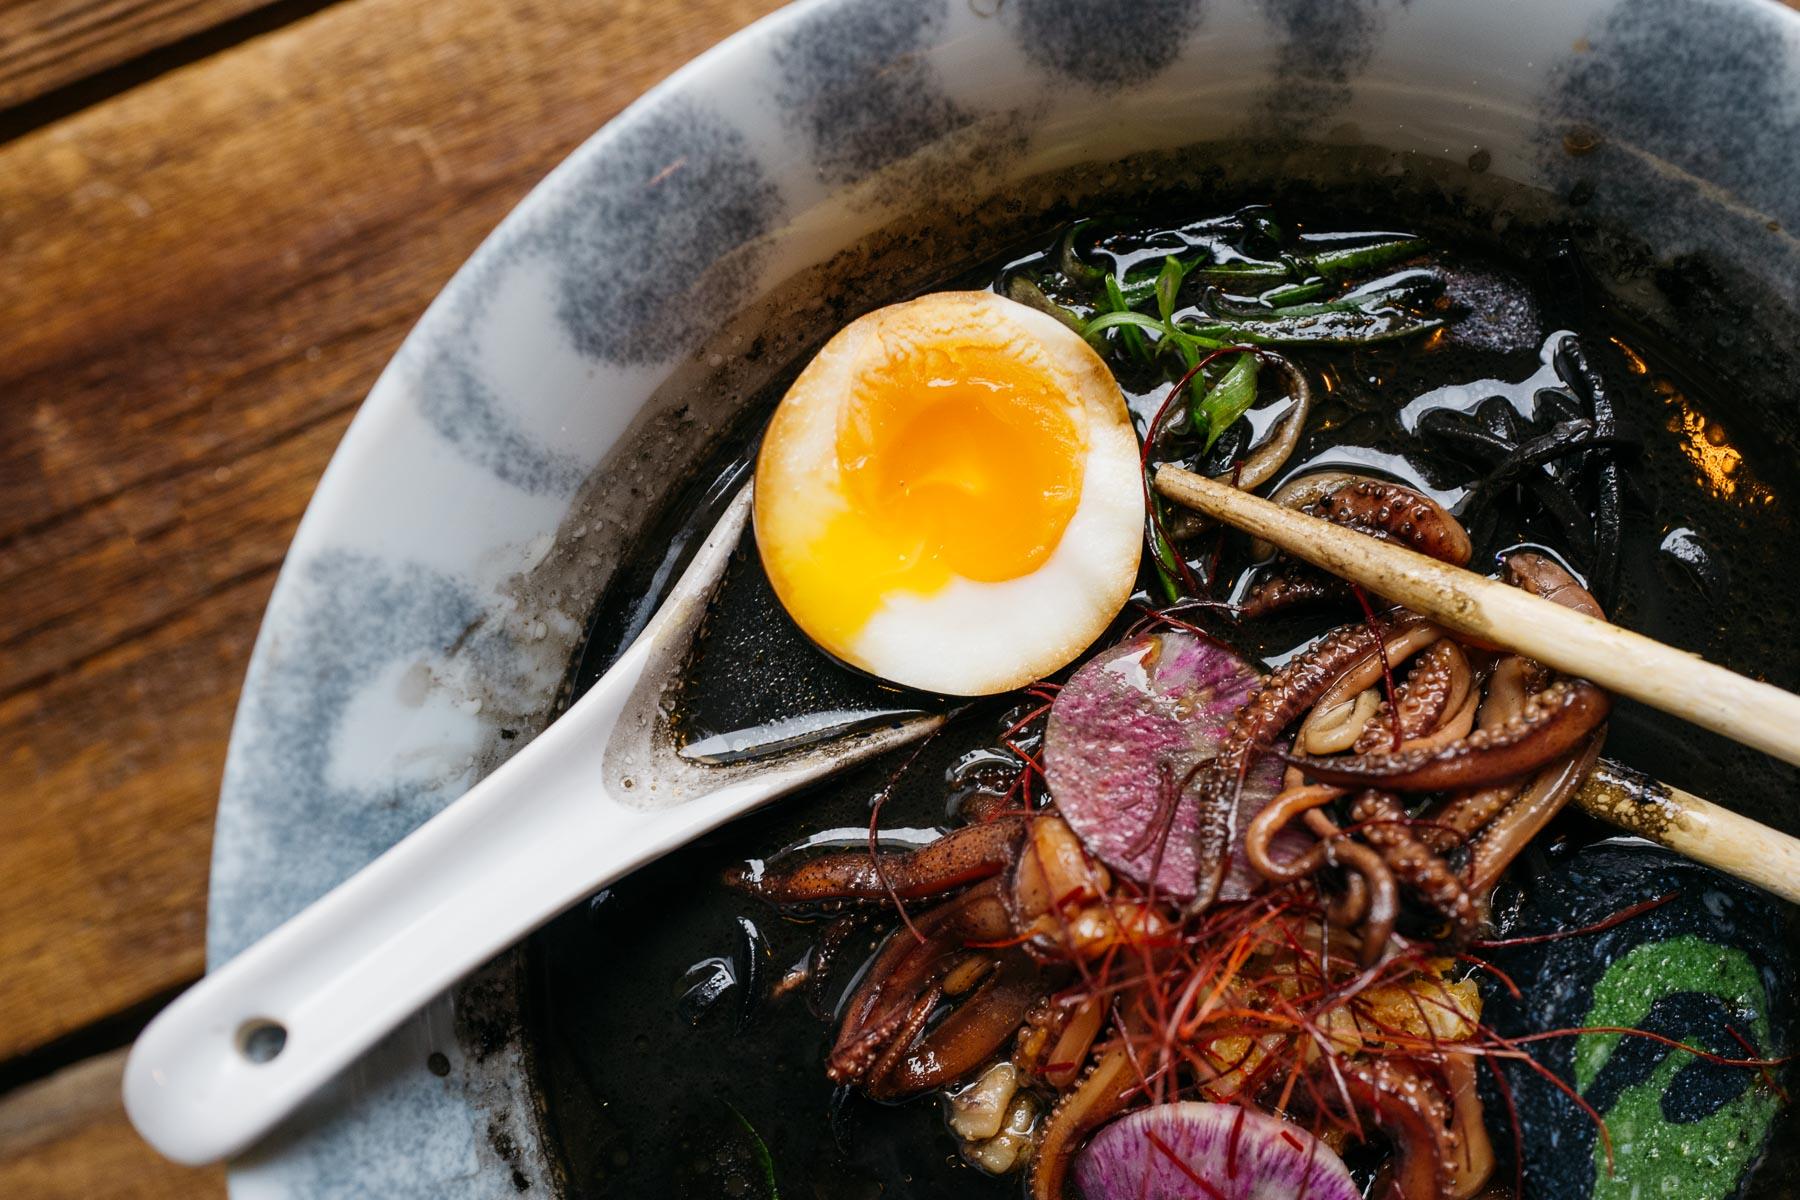 tantan kuro ramen (dorsz, kalmar, naruto, jajko, szczypior, rzepa arbuzowa) - 32 zł (Arigator Ramen Shop)